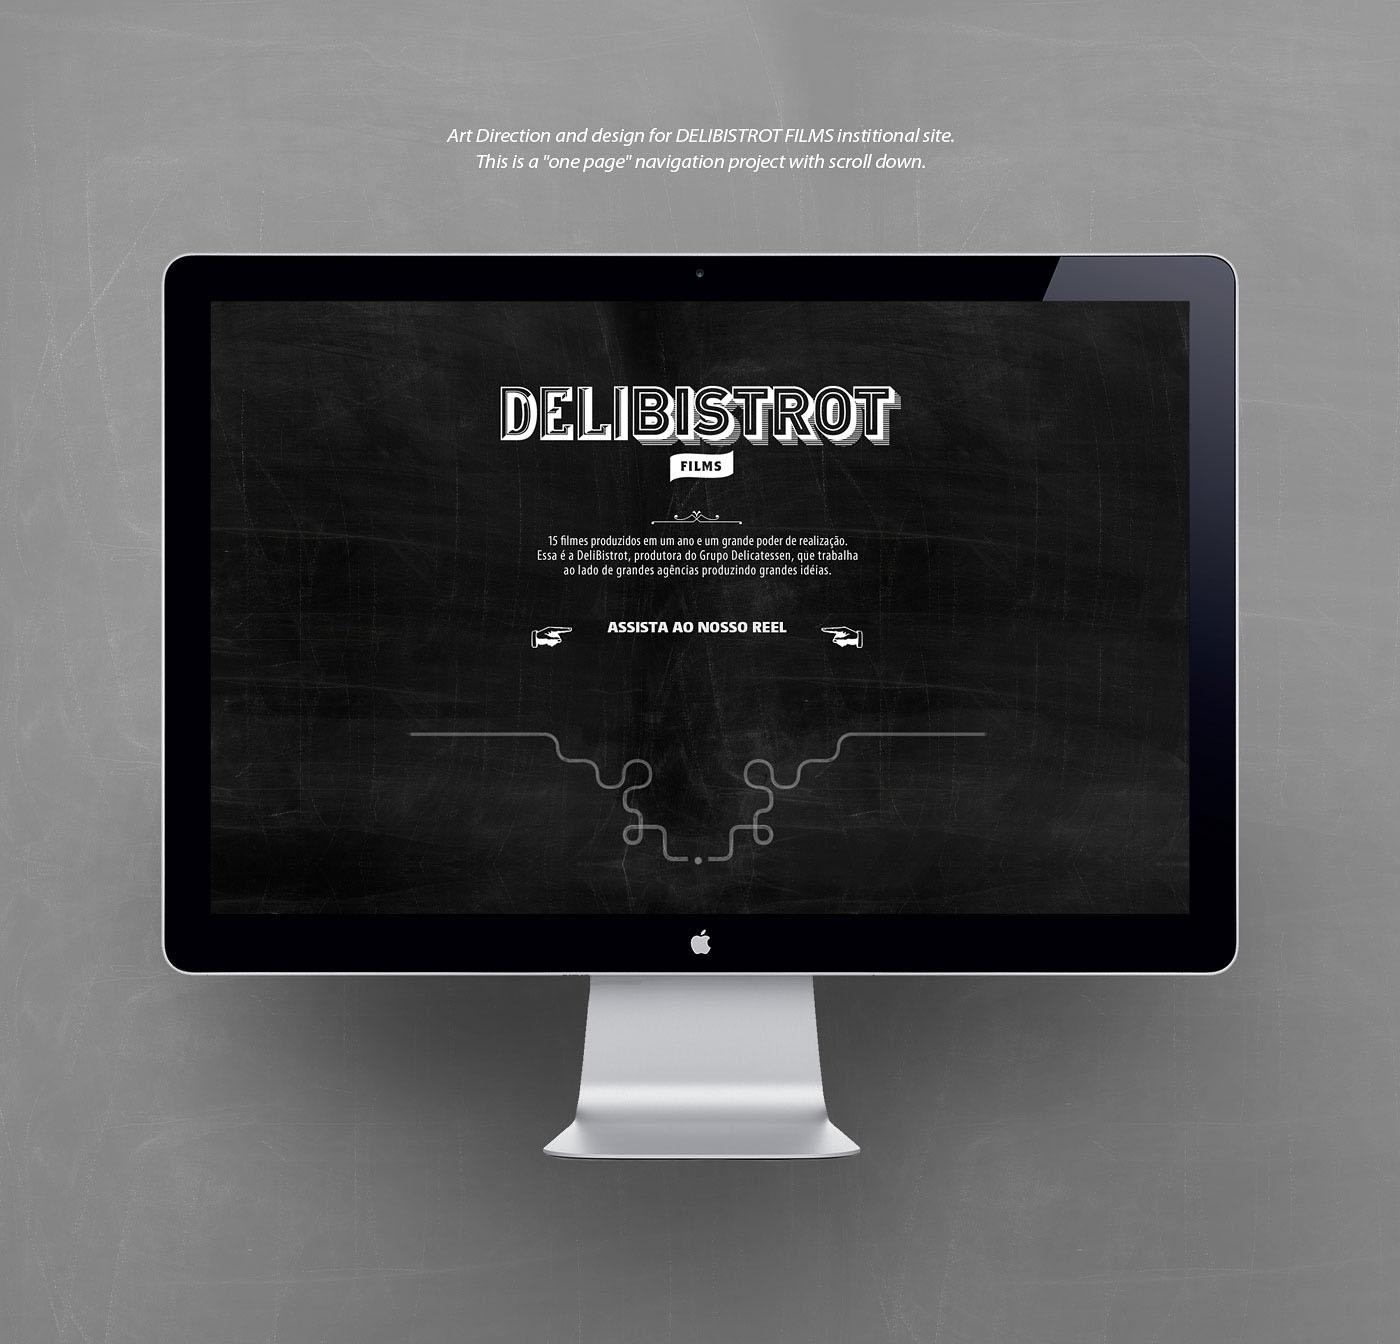 Delibistrot Films  -  institucional site